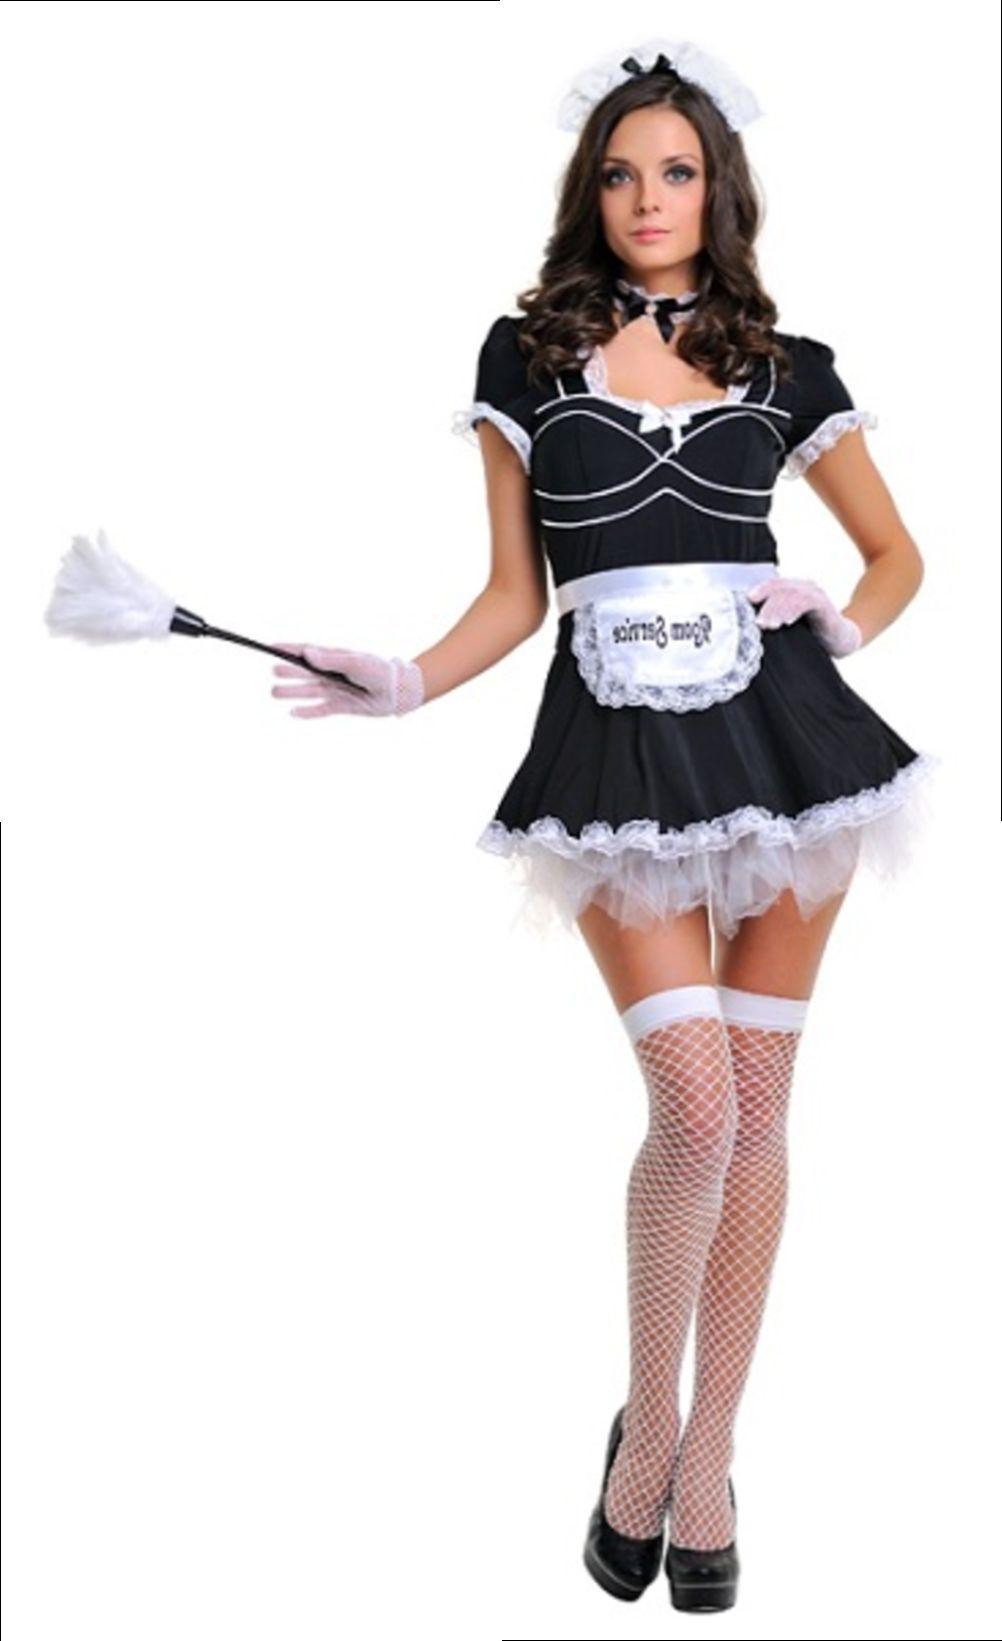 Эротический костюм служанки горничной 14 фотография